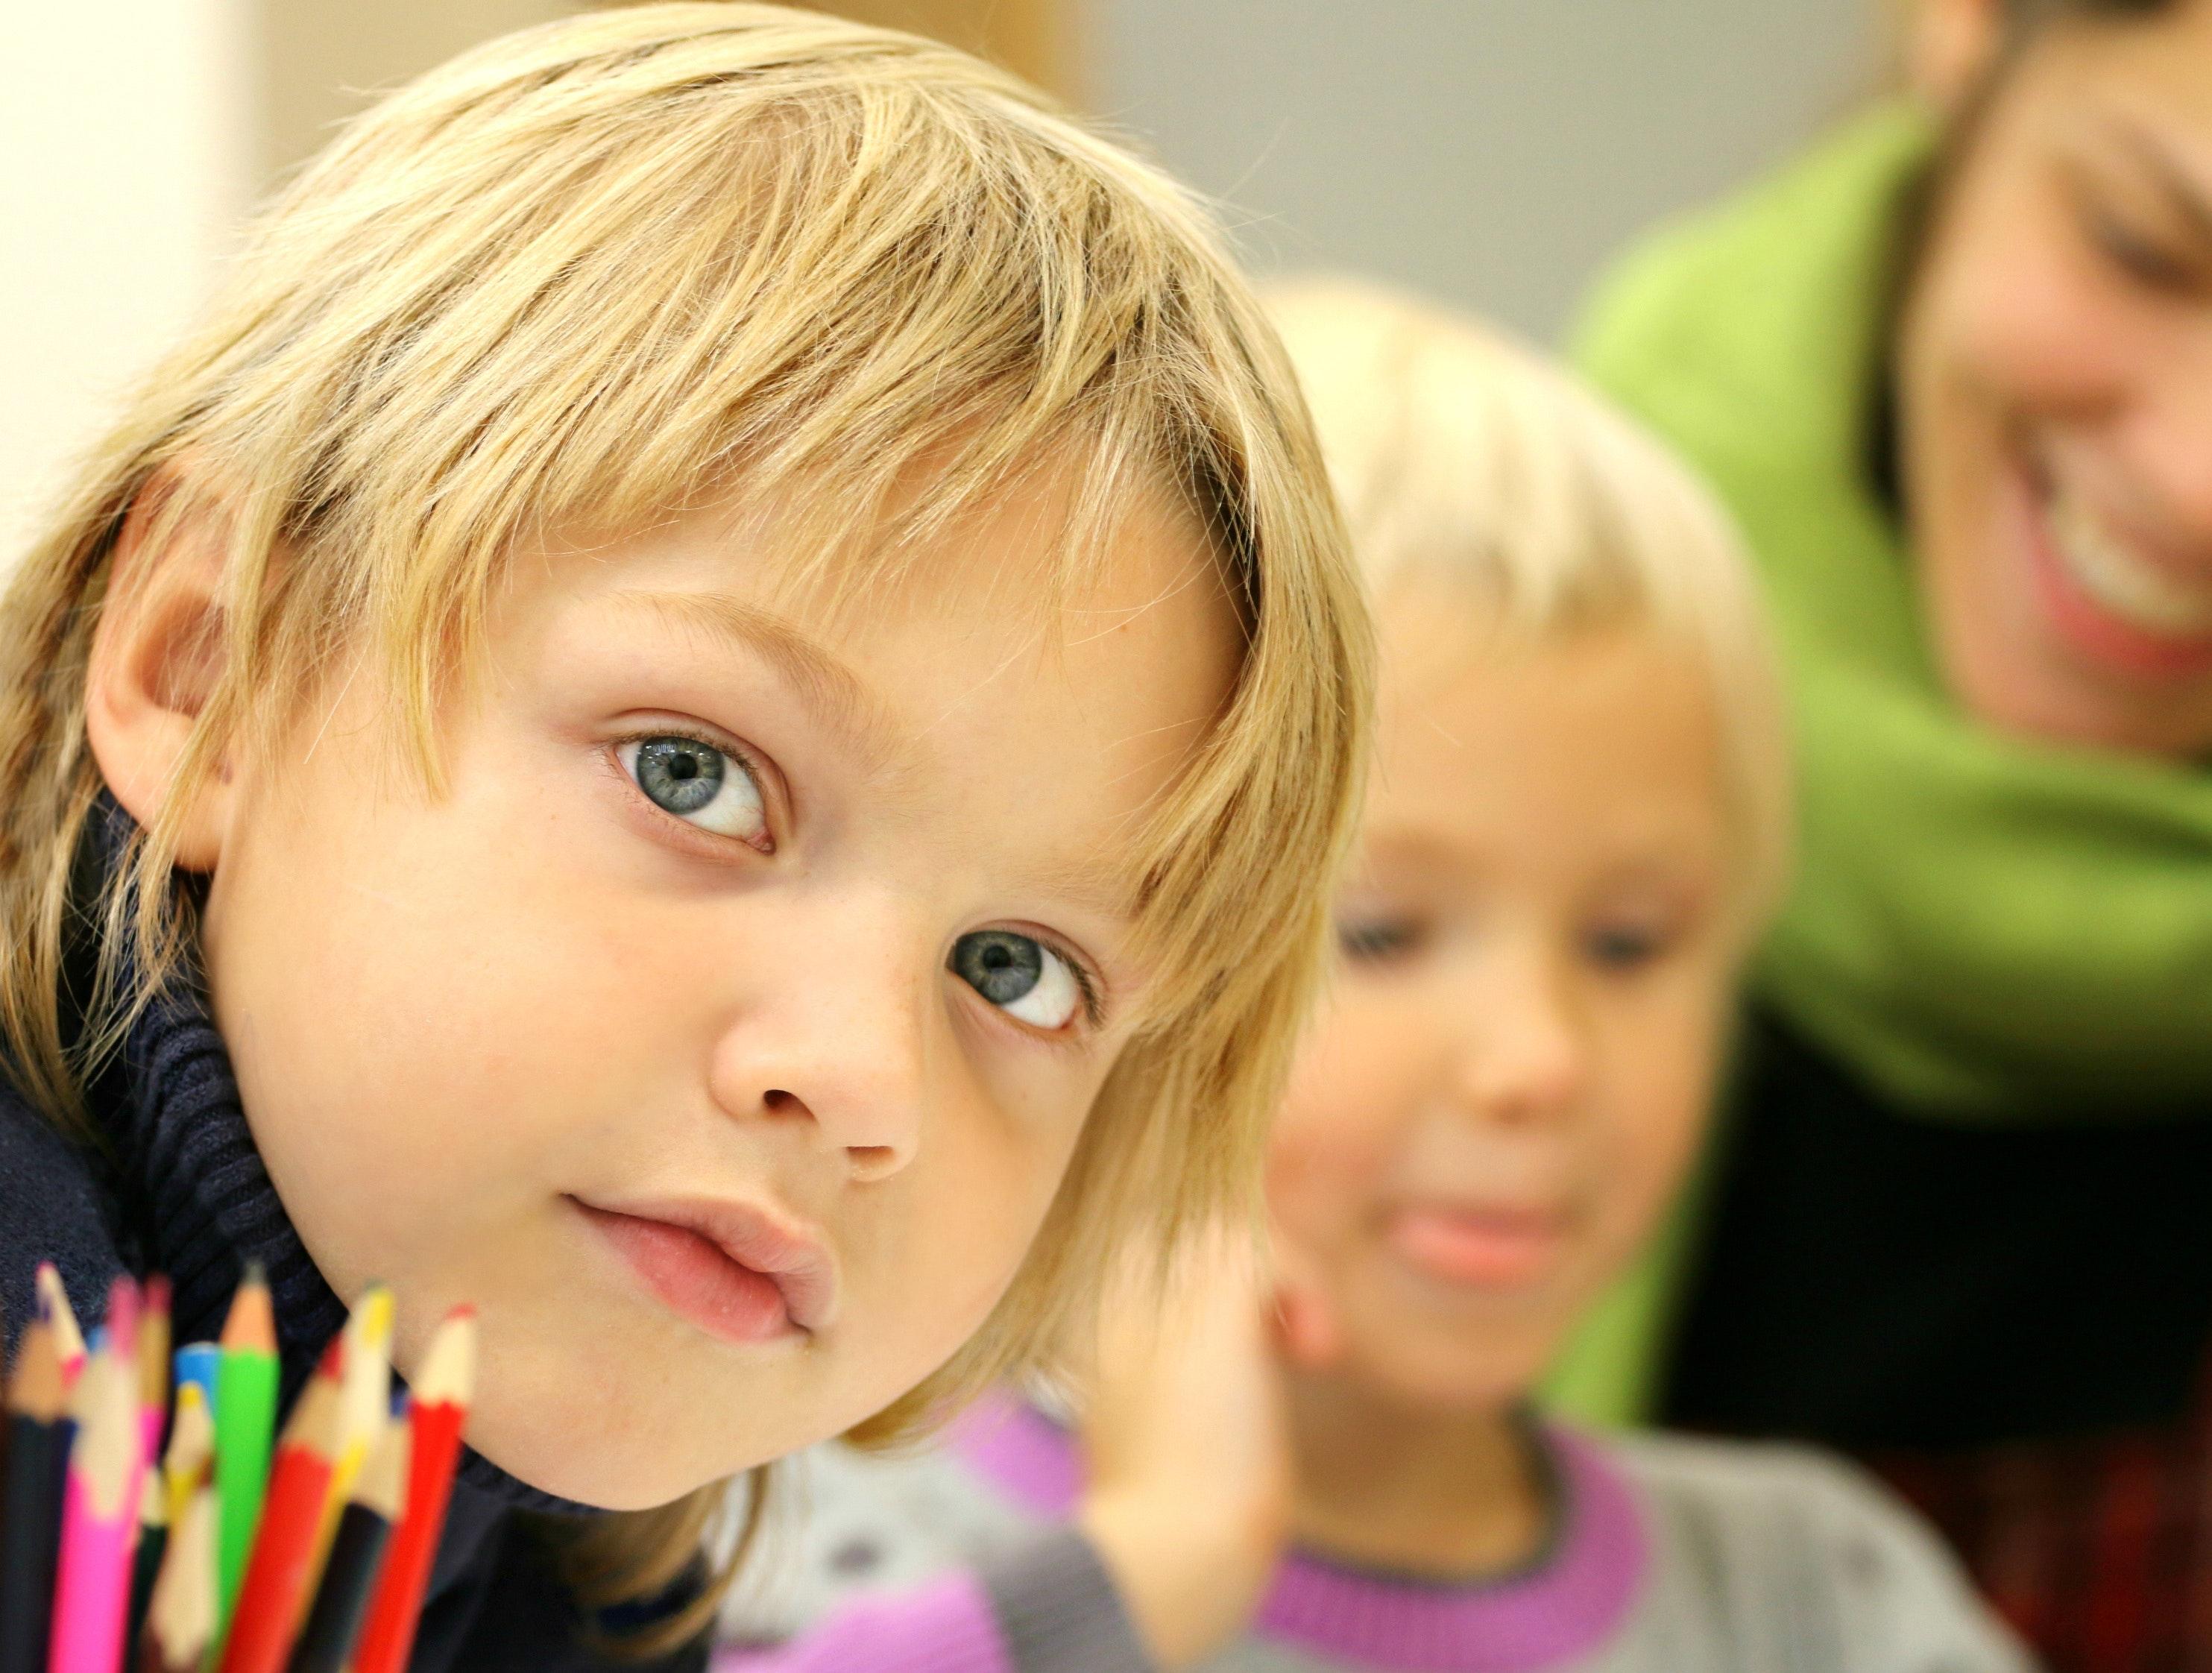 School Kids Loving School